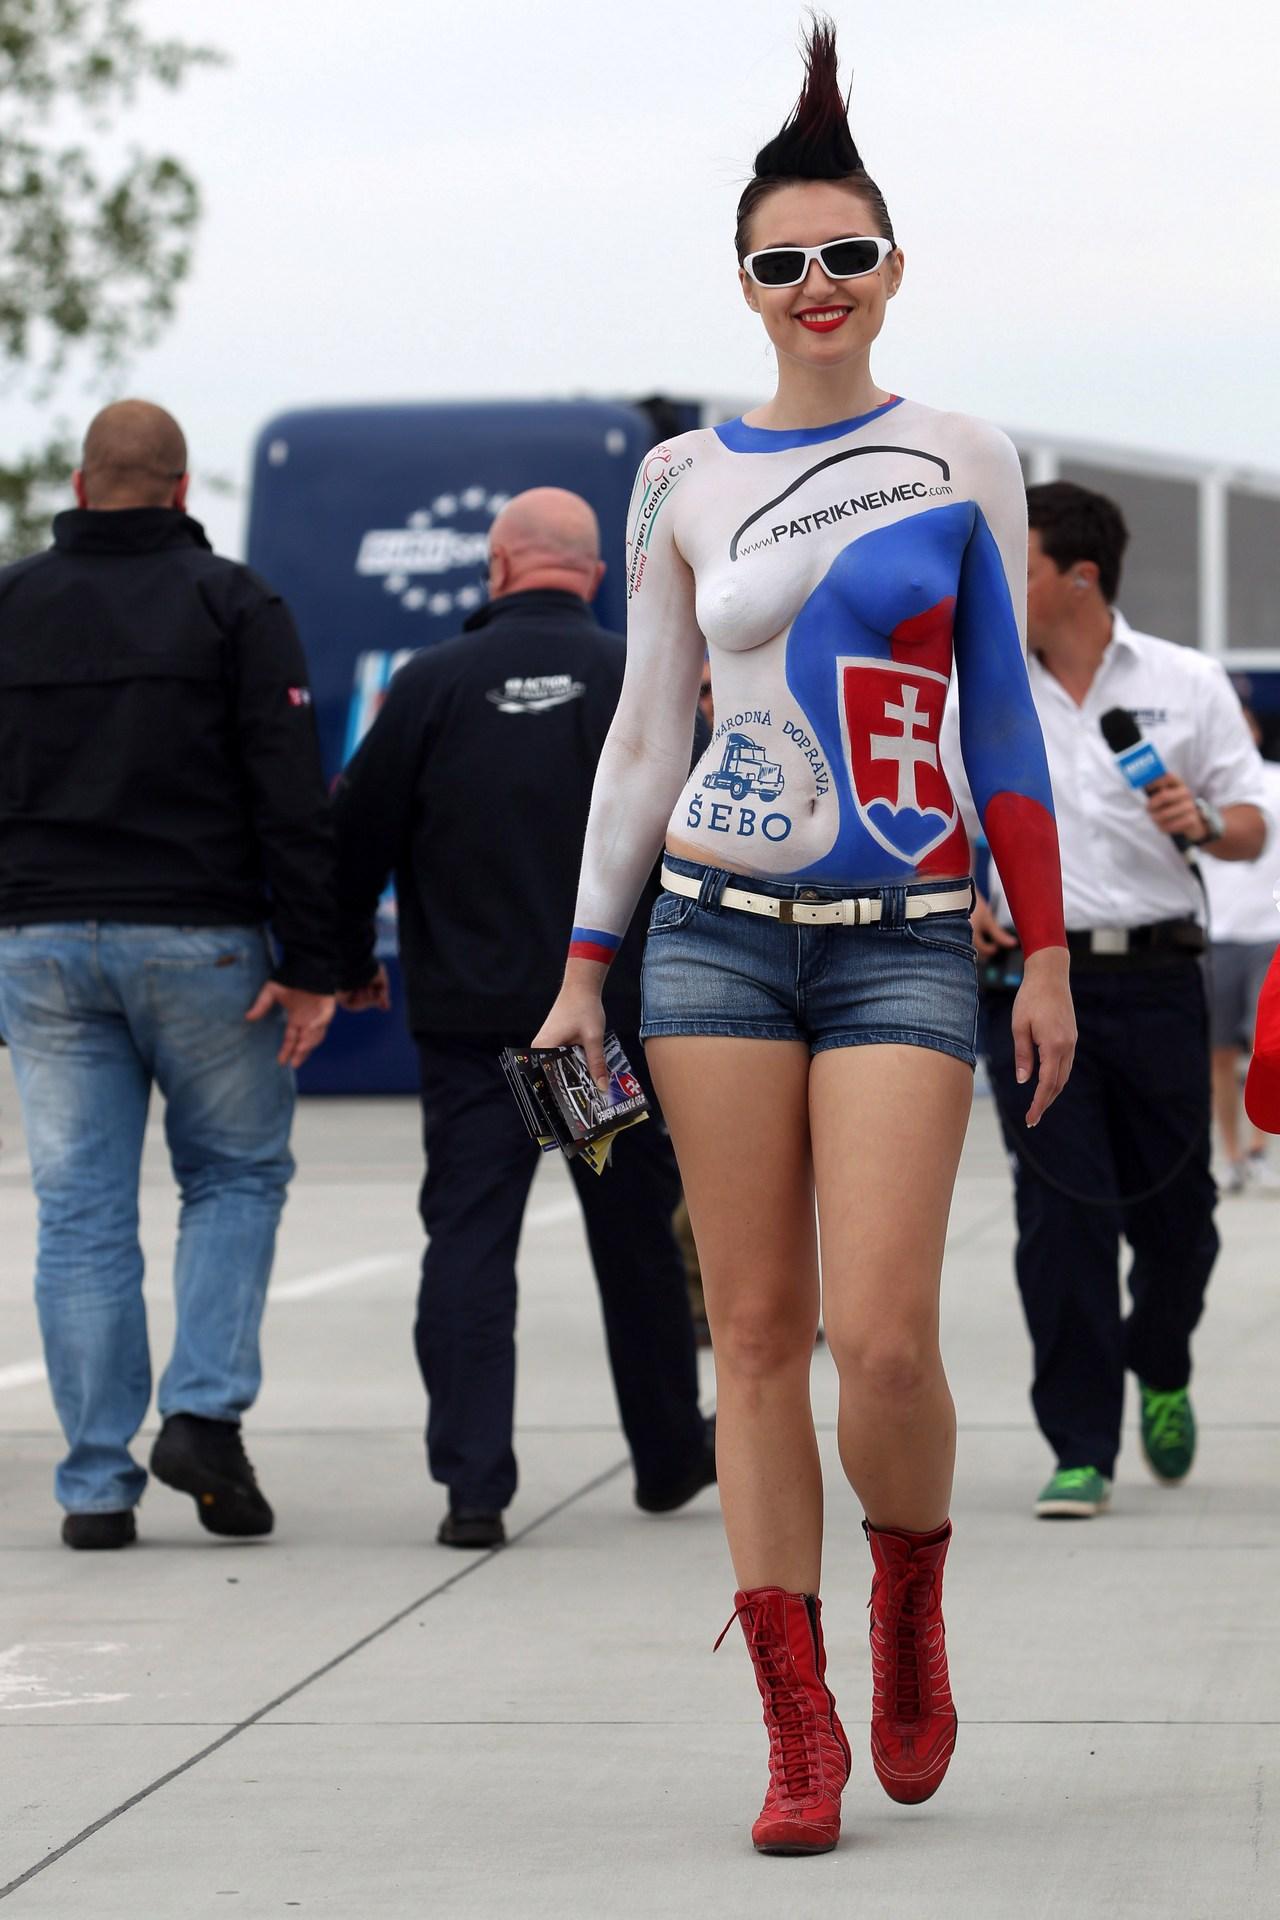 Словацкие девушки фото 6 фотография